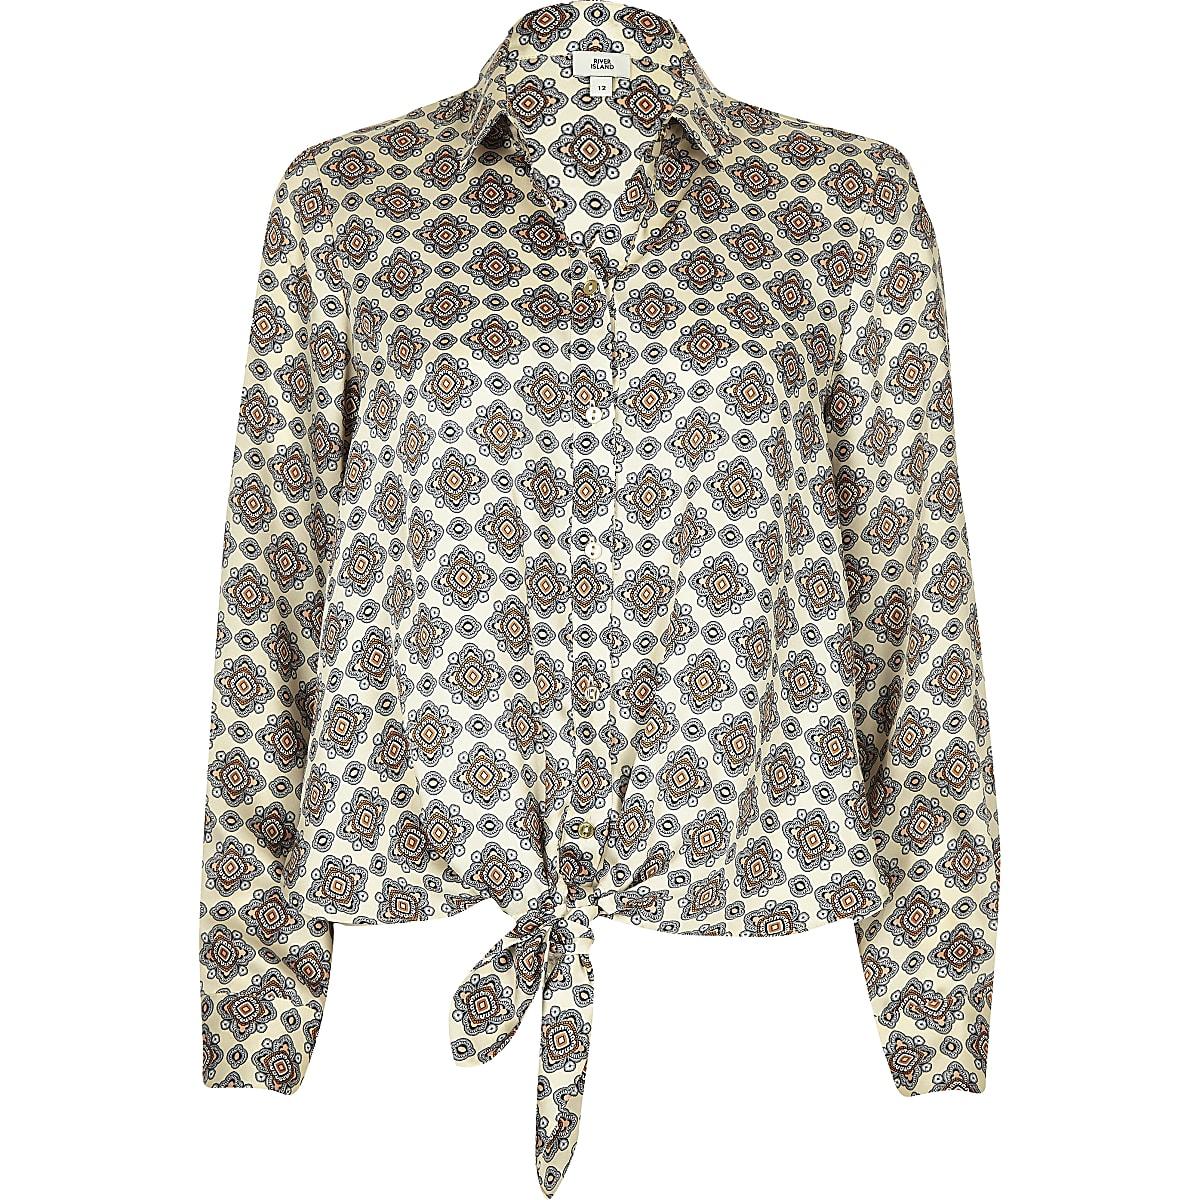 Overhemd Creme.Creme Overhemd Met Print En Strik Voor Overhemden Tops Dames